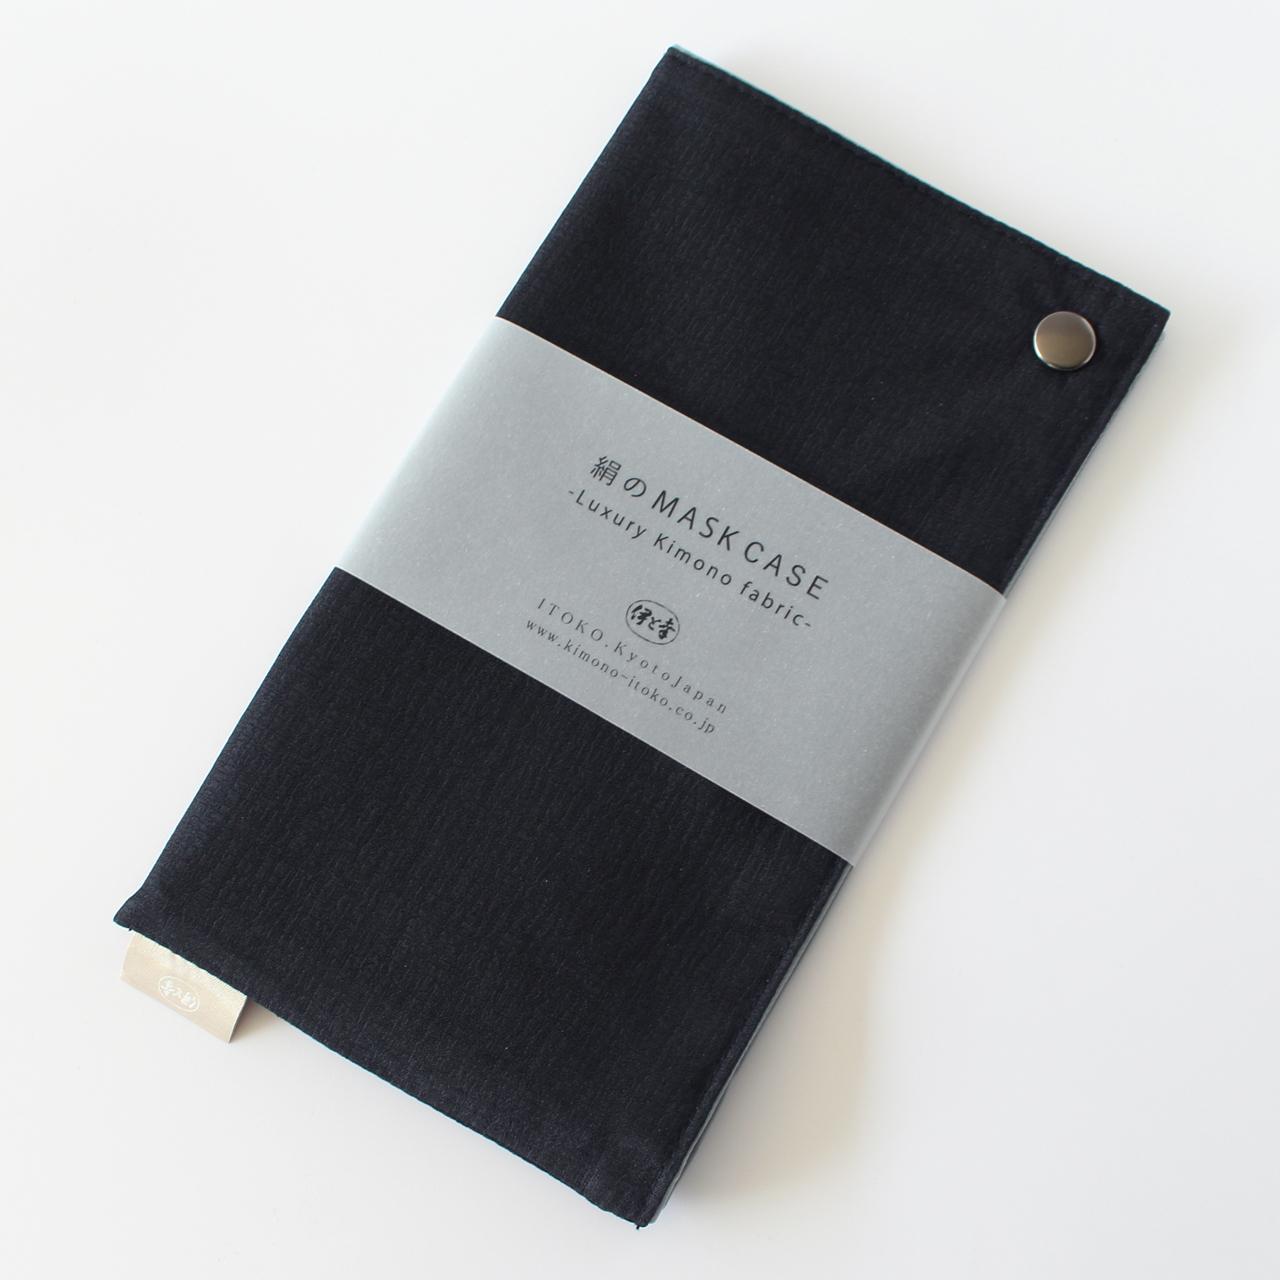 絹のMASK CASE(ブラック)